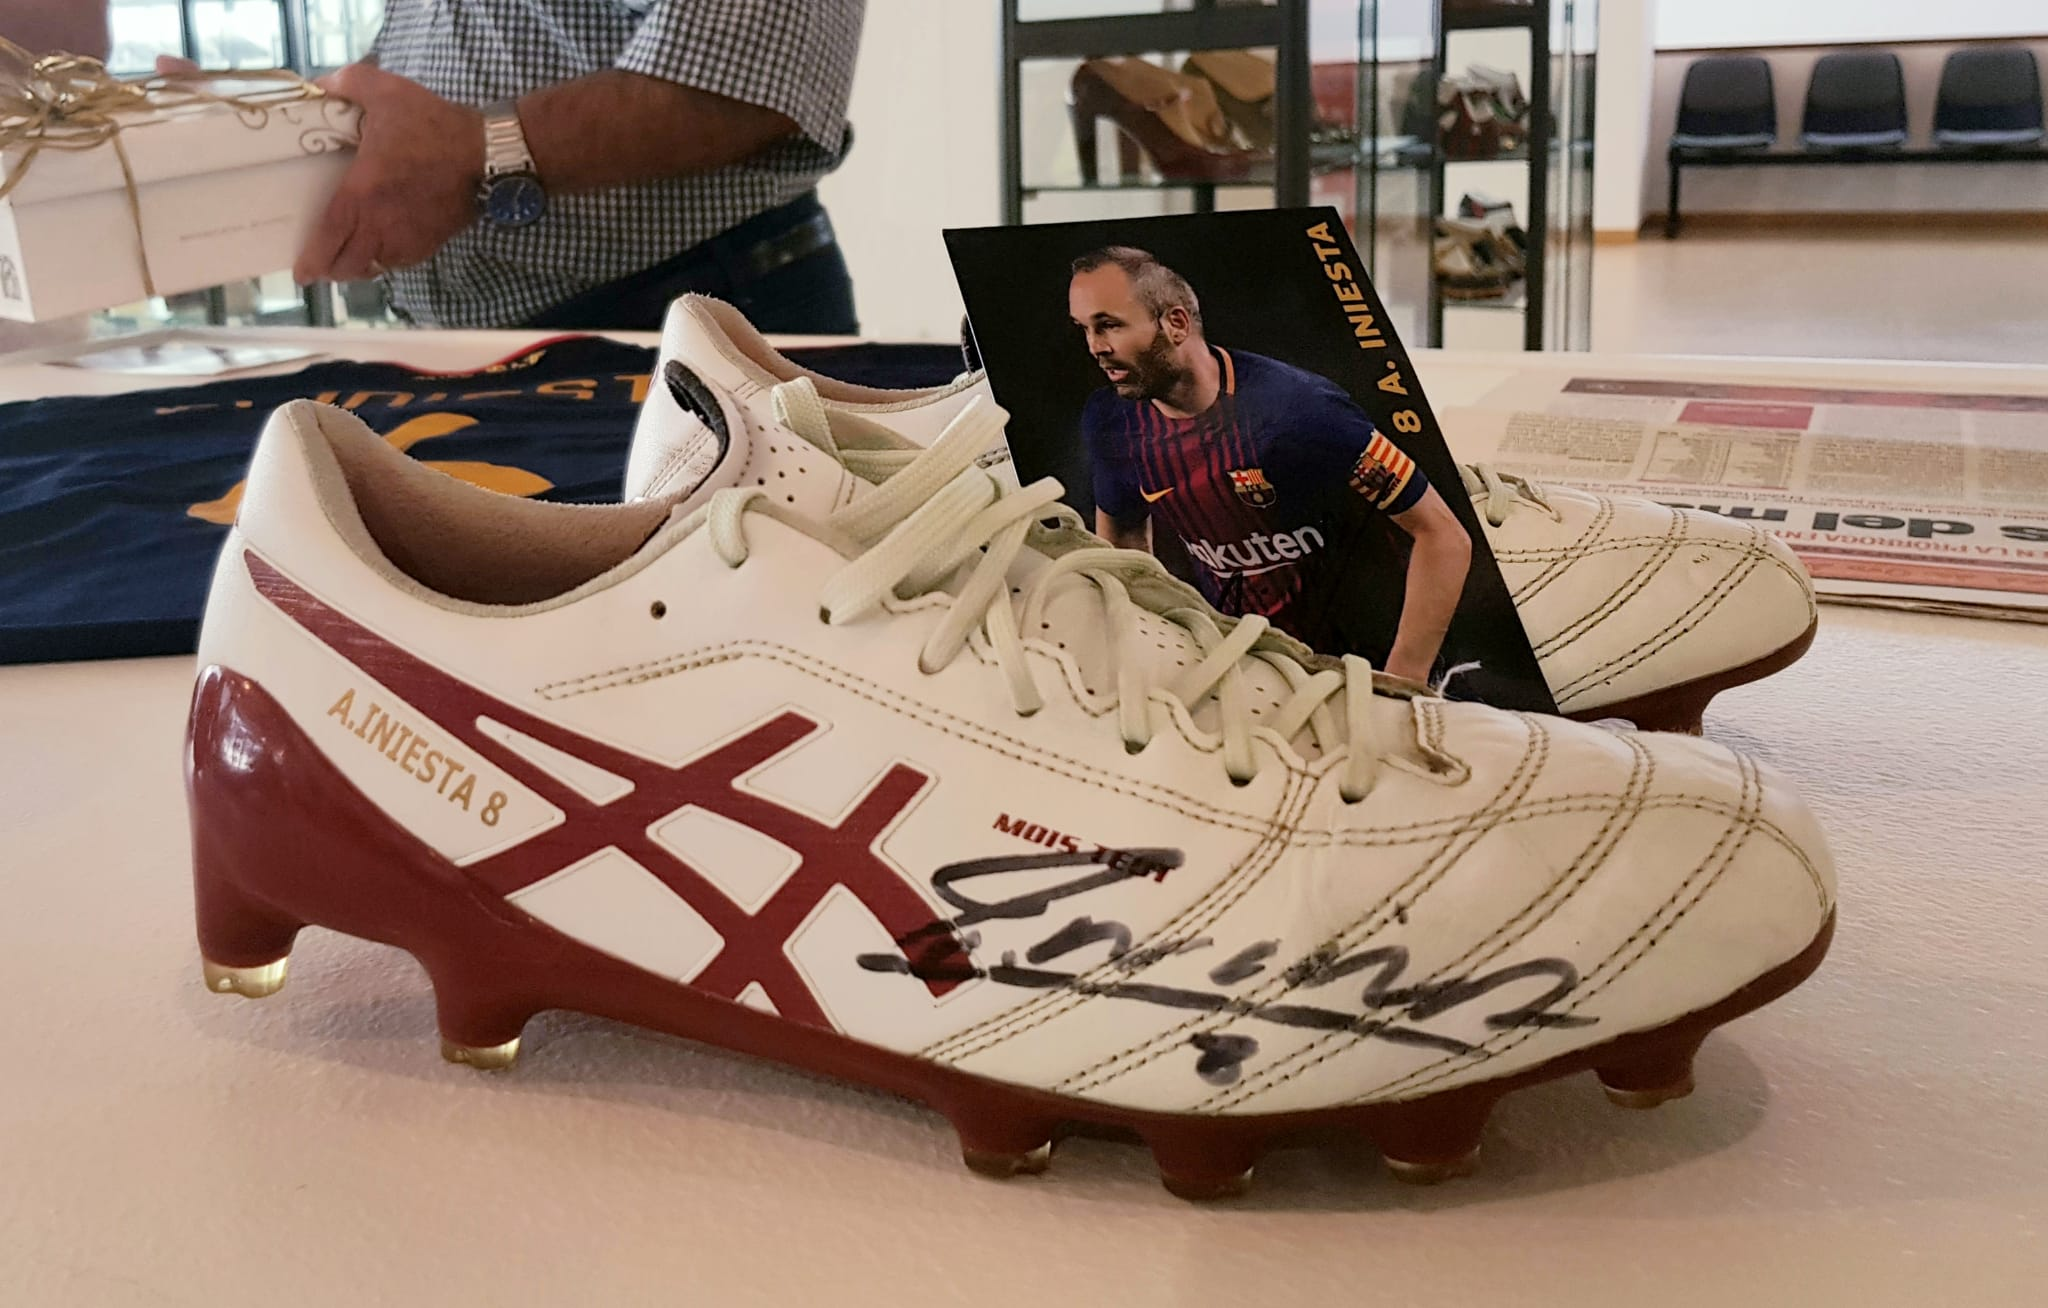 El Museo del Calzado de Elda ya cuenta con las botas de fútbol de Andrés Iniesta dentro de su colección de 'Zapato con Historia'